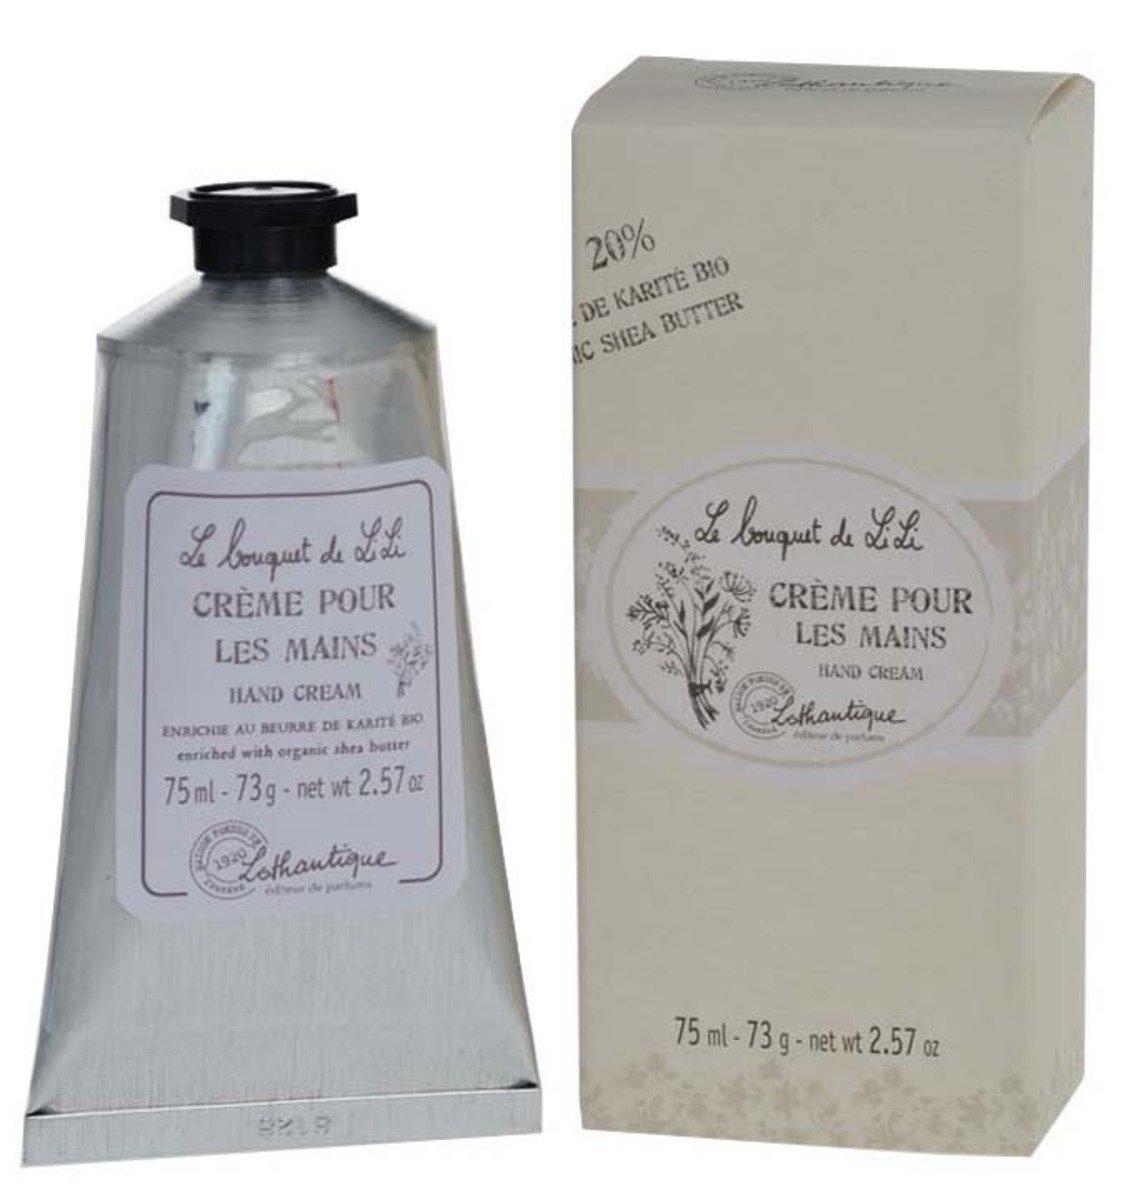 法國蘿朵蒂克潤手霜 - 百合  75ml